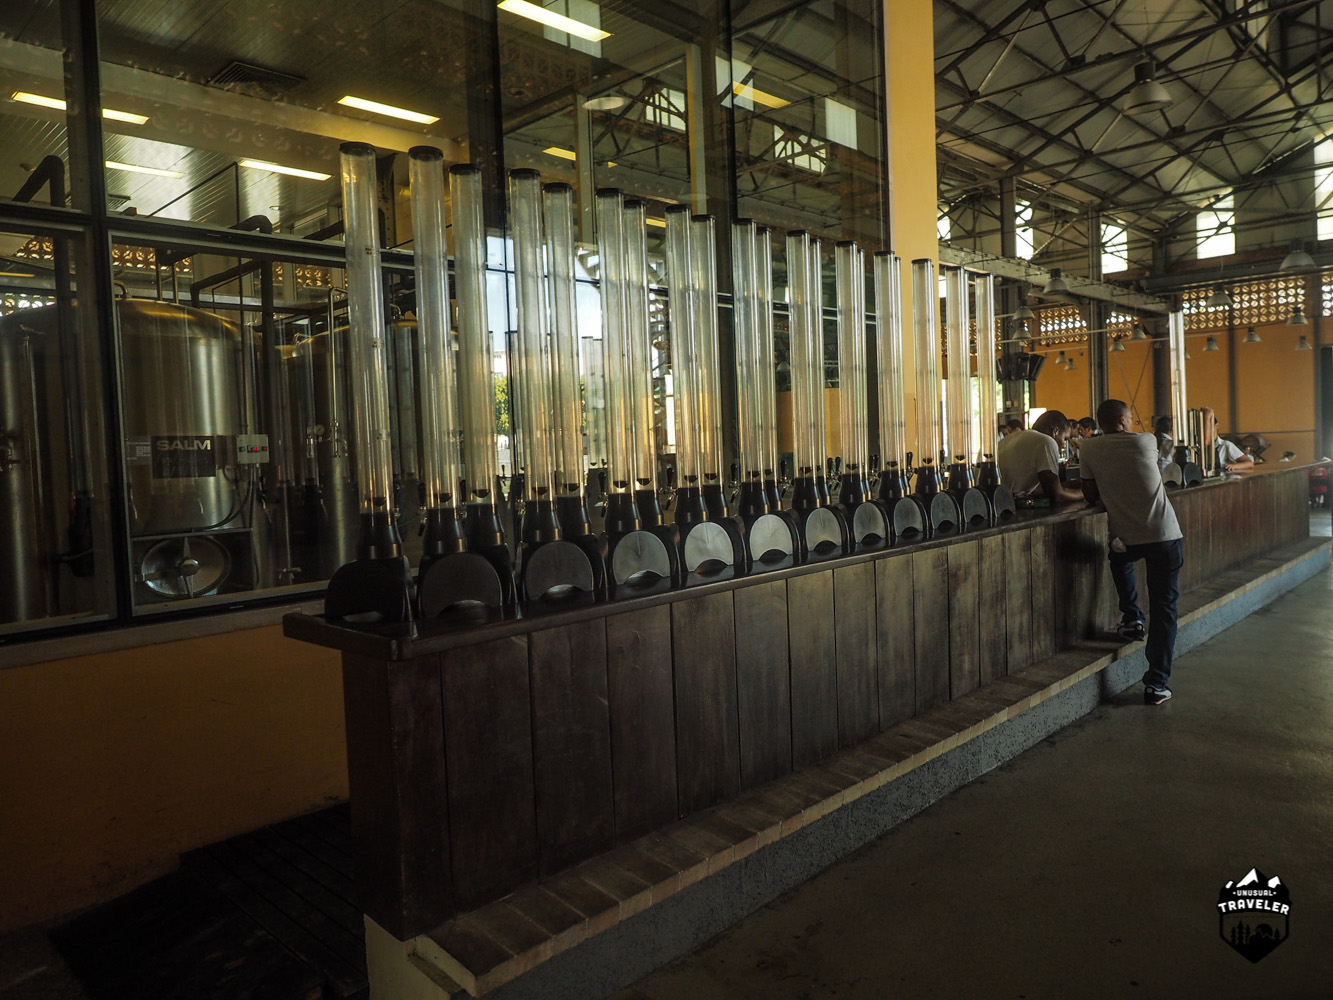 Stucked up on beer towers Havana Cuba craft beer